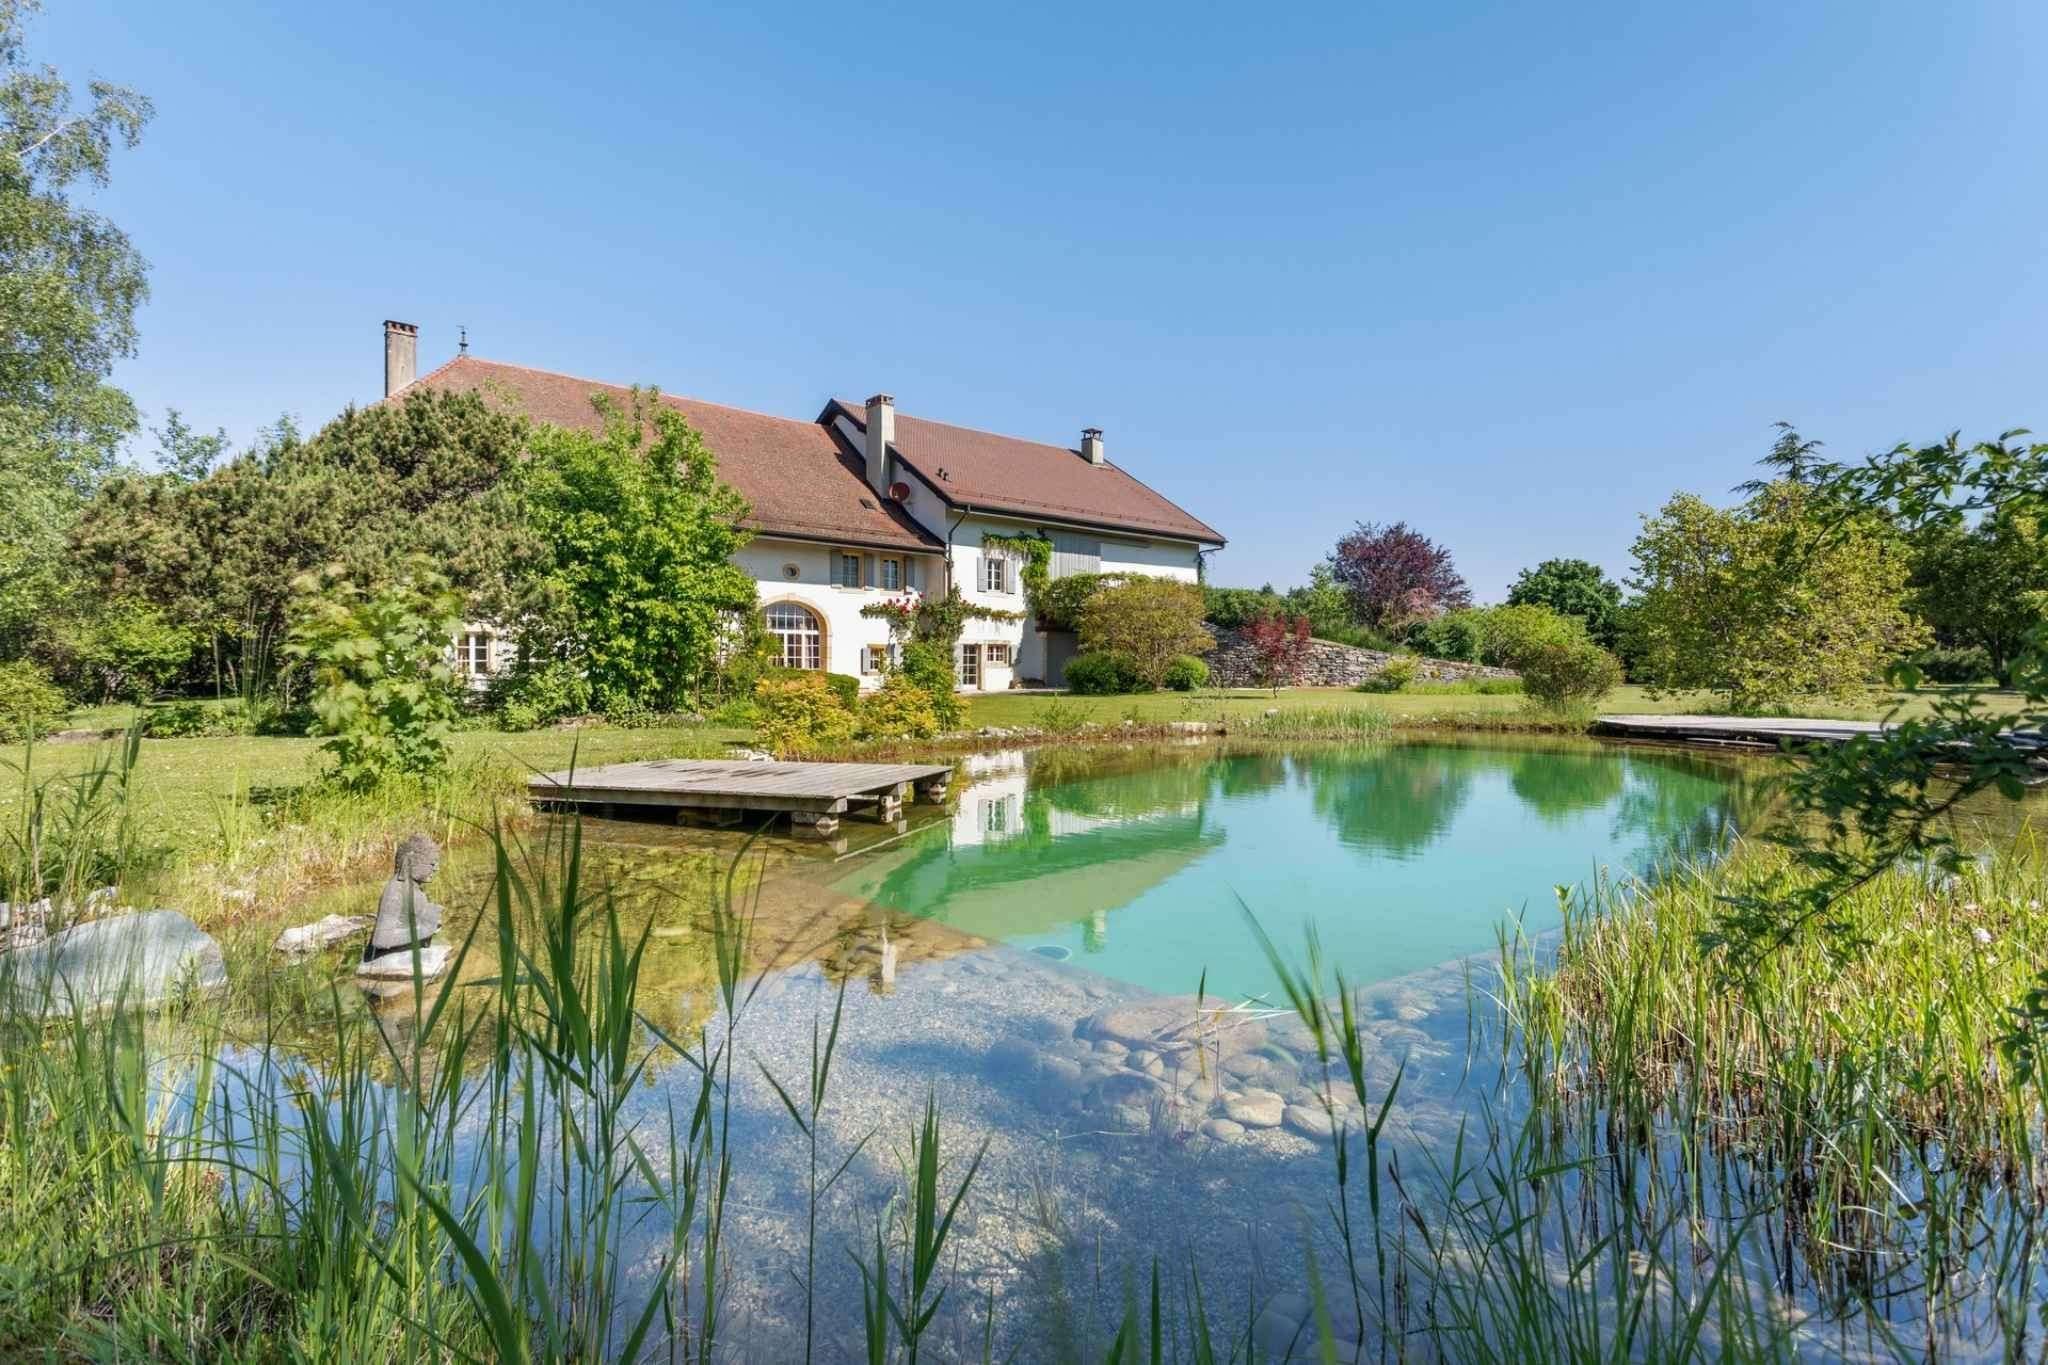 Exclusivité: Magnifique propriété dans la campagne Vaudoise